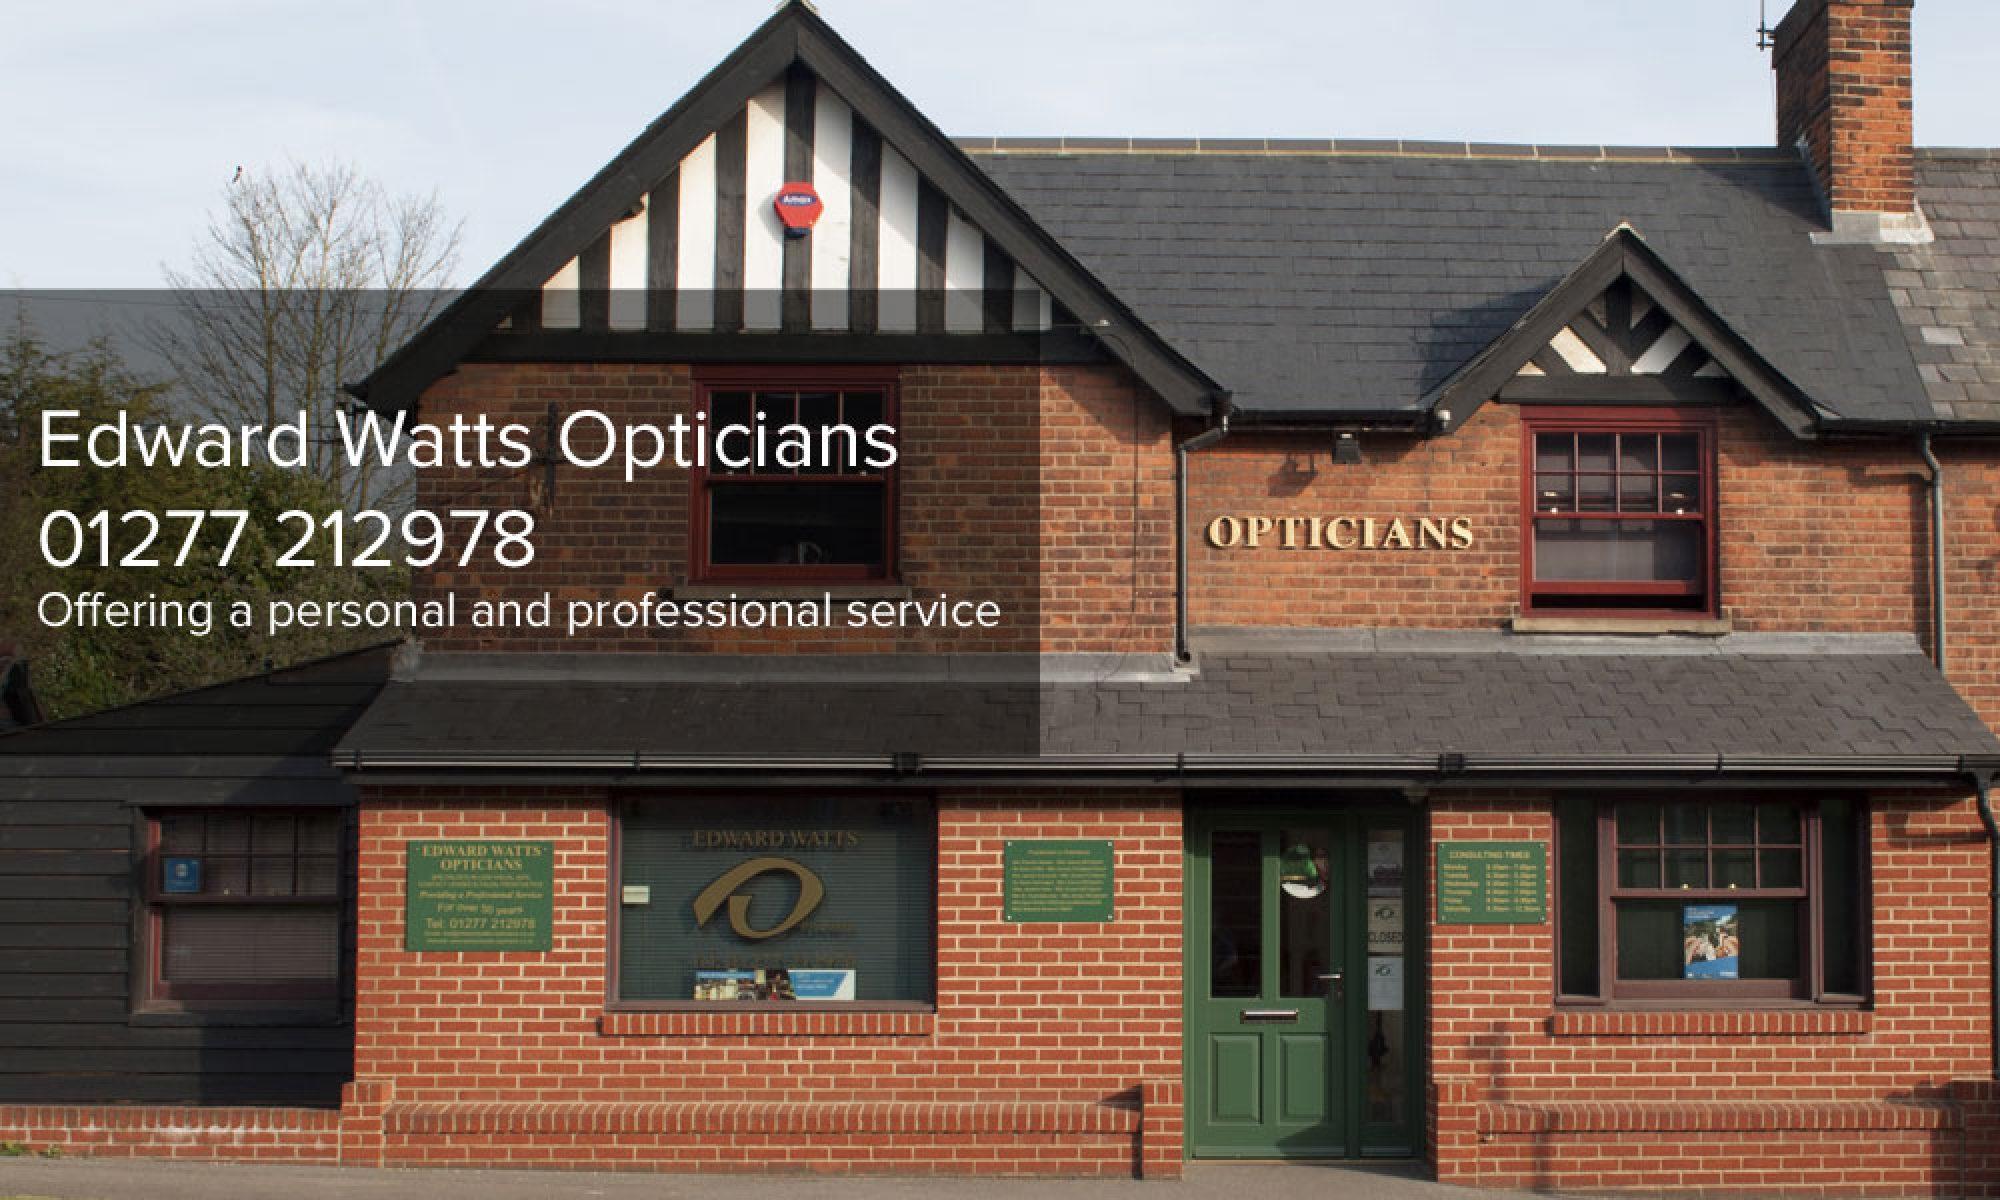 Edward Watts Opticians